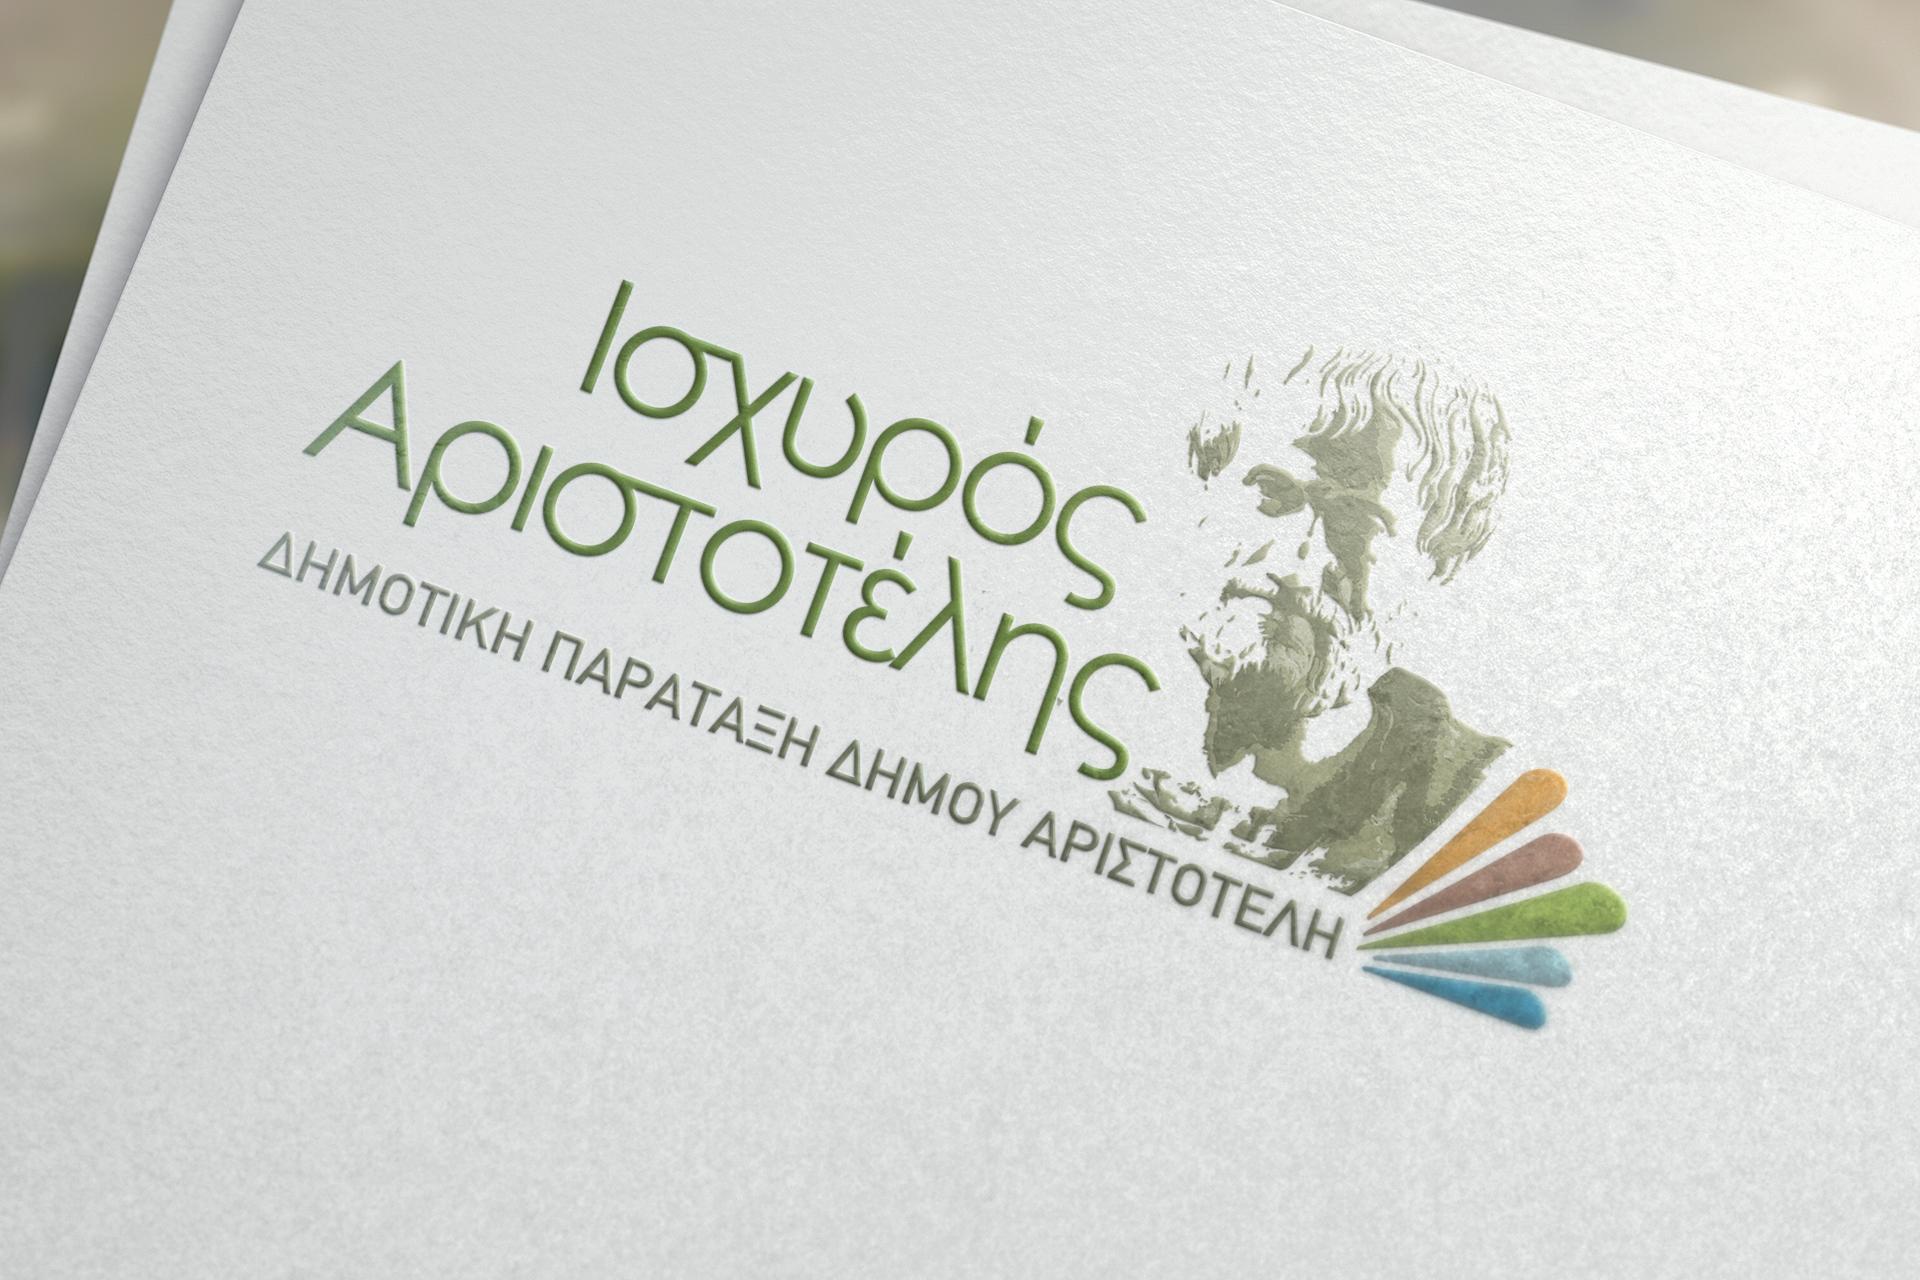 Ισχυρός Αριστοτέλης mockup